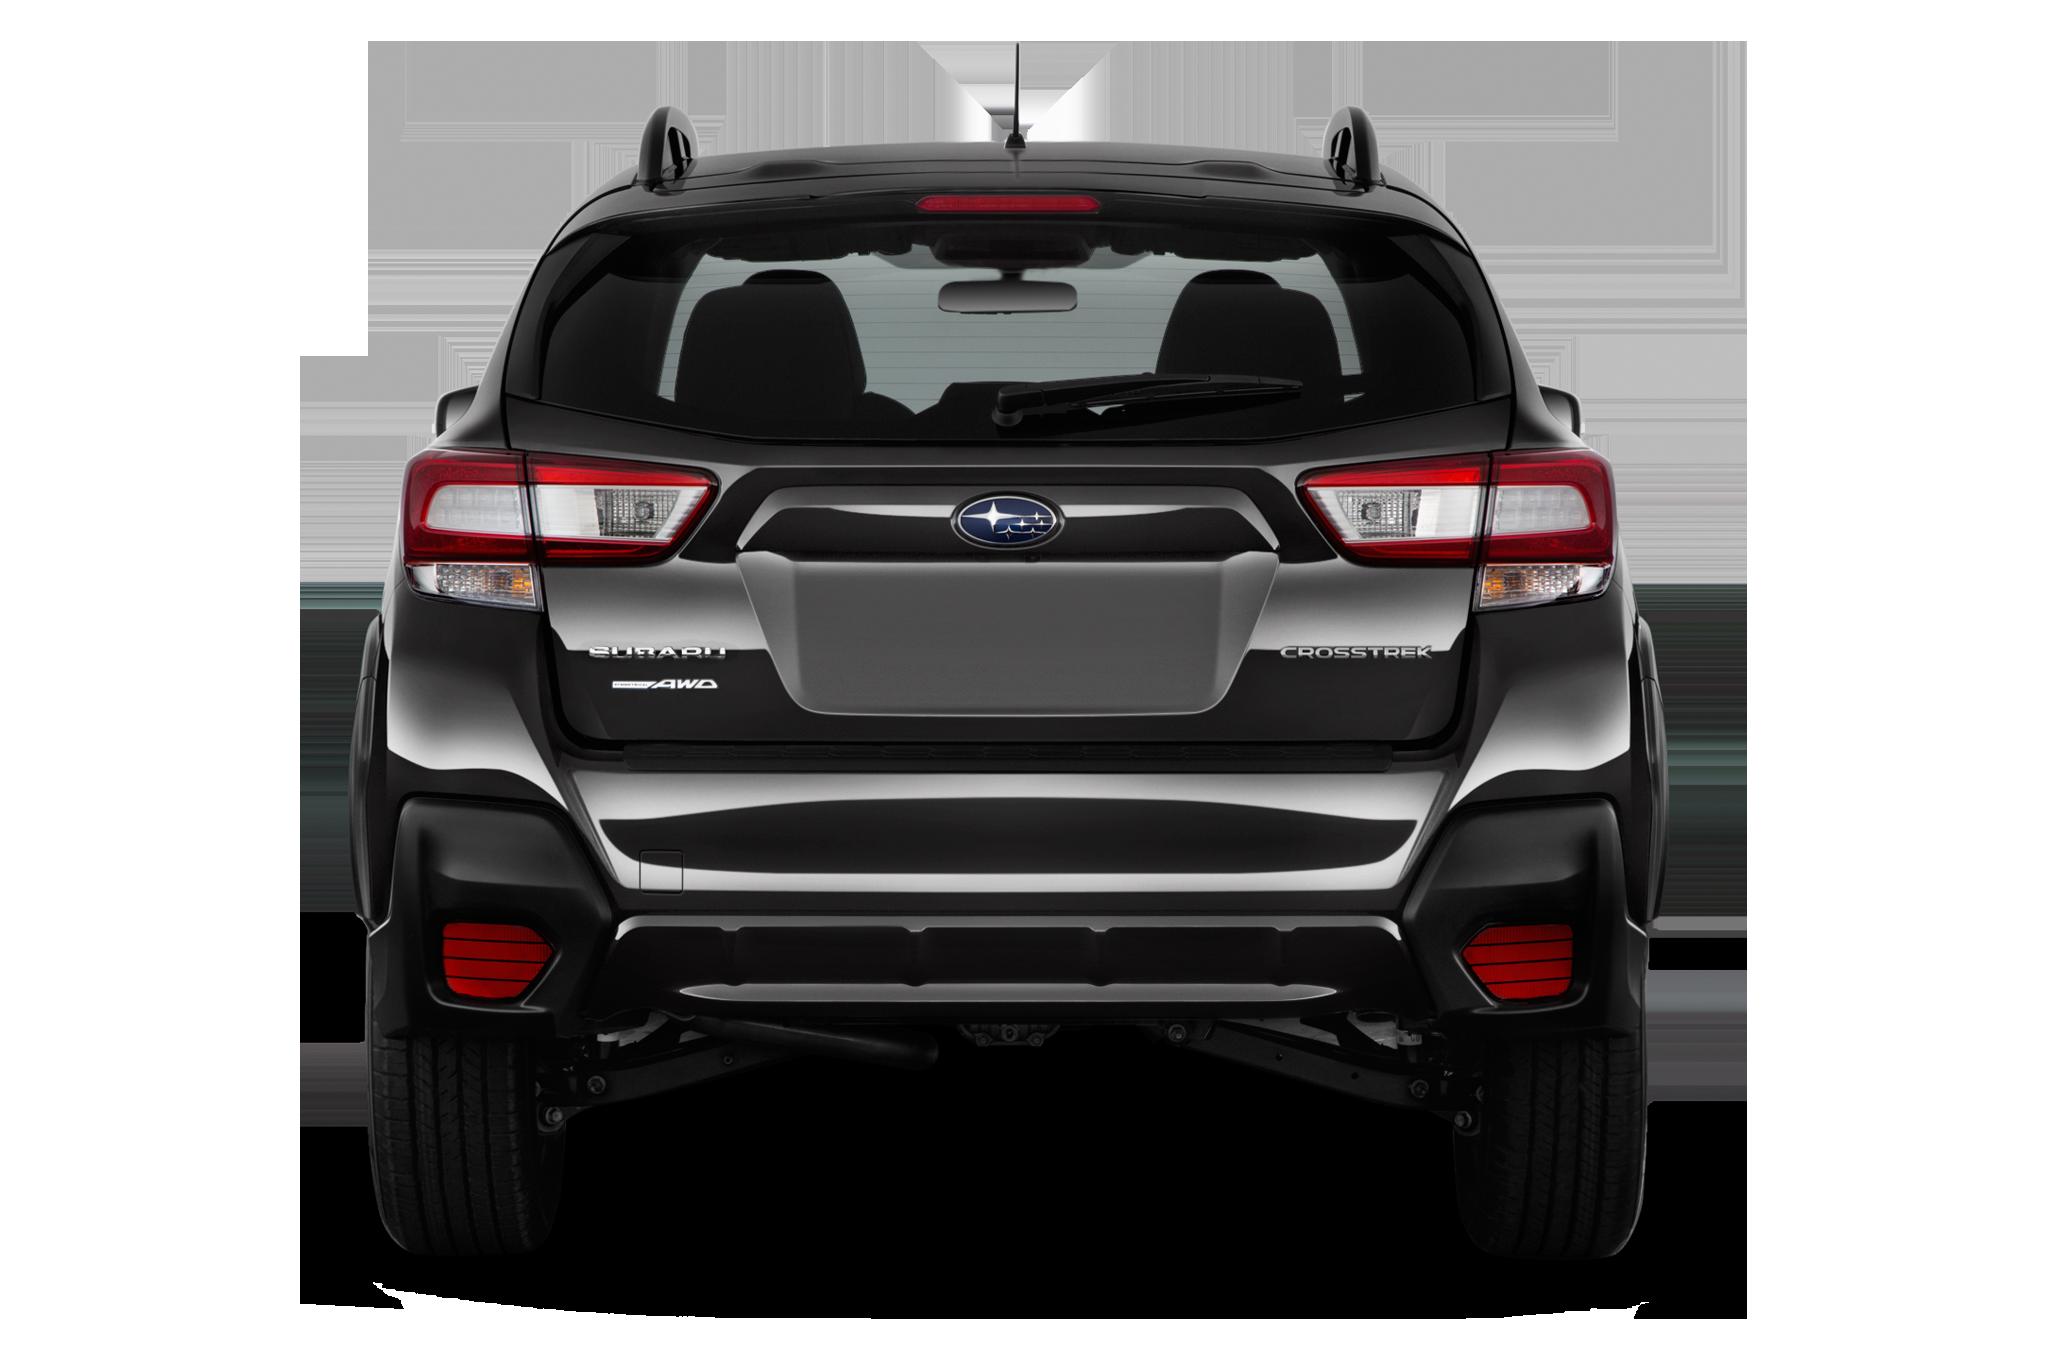 2018 Subaru Crosstrek 2.0i Limited One Week Review ...